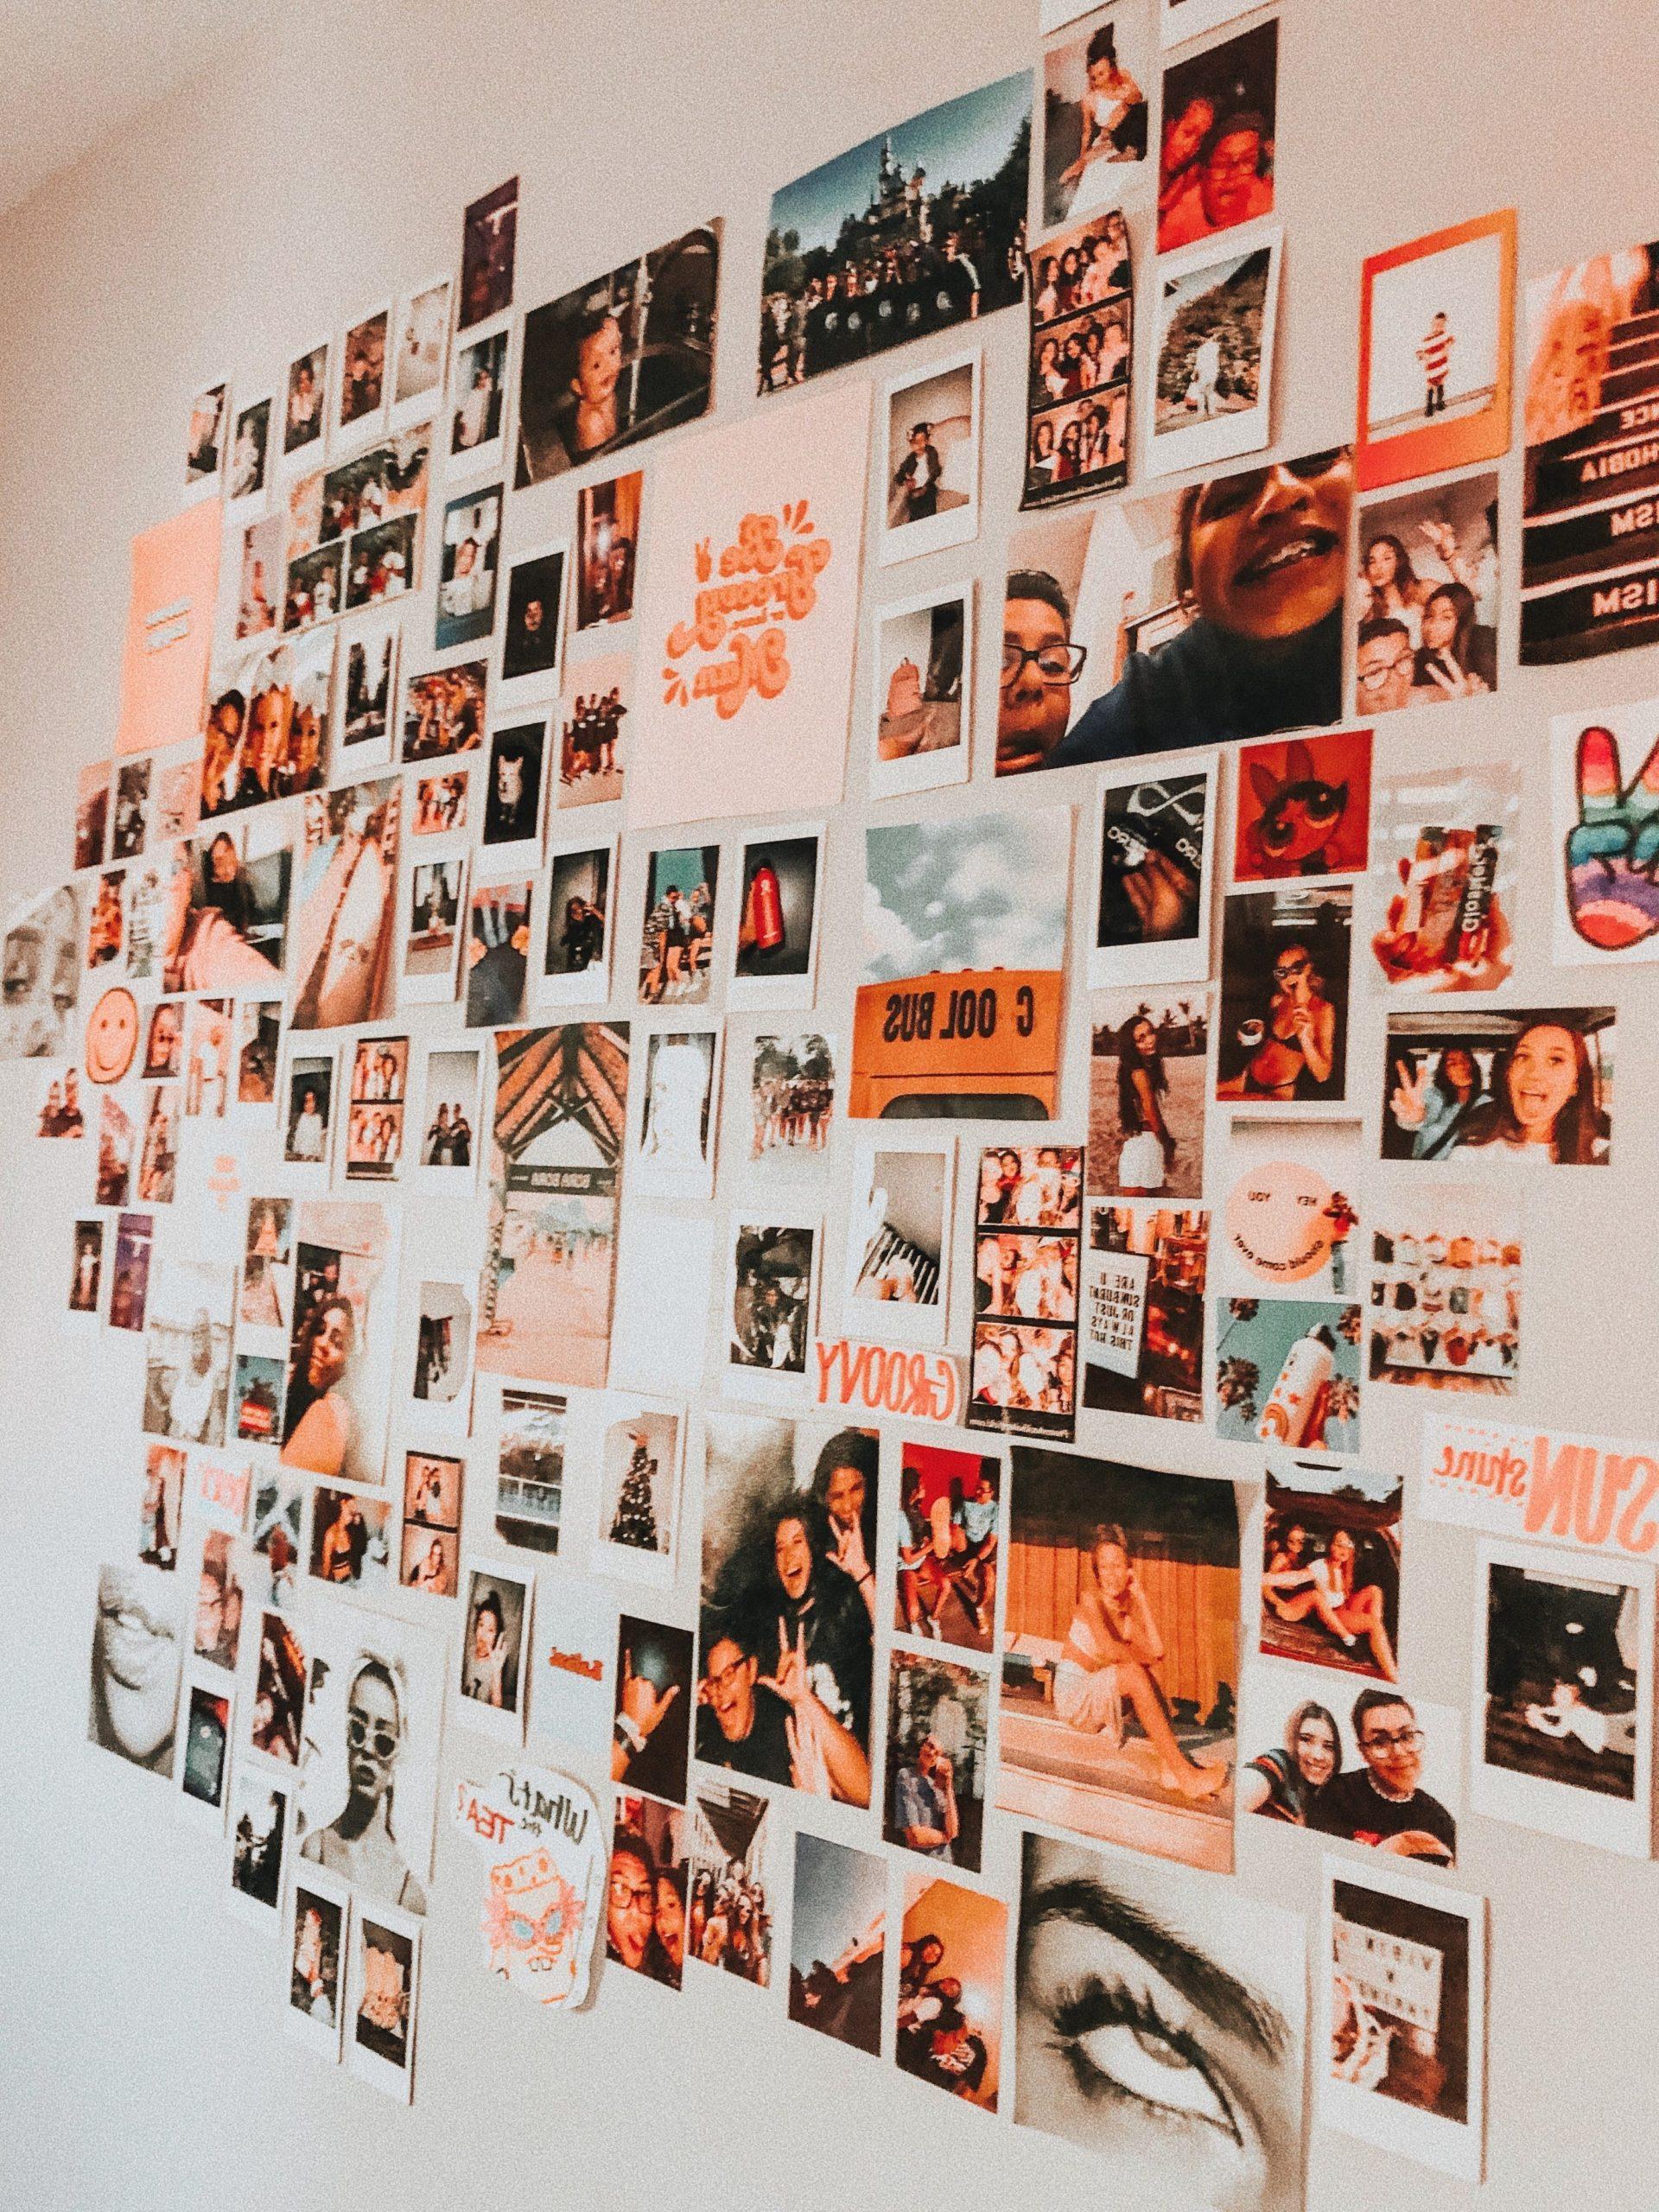 Galerie de photos sur le mur.